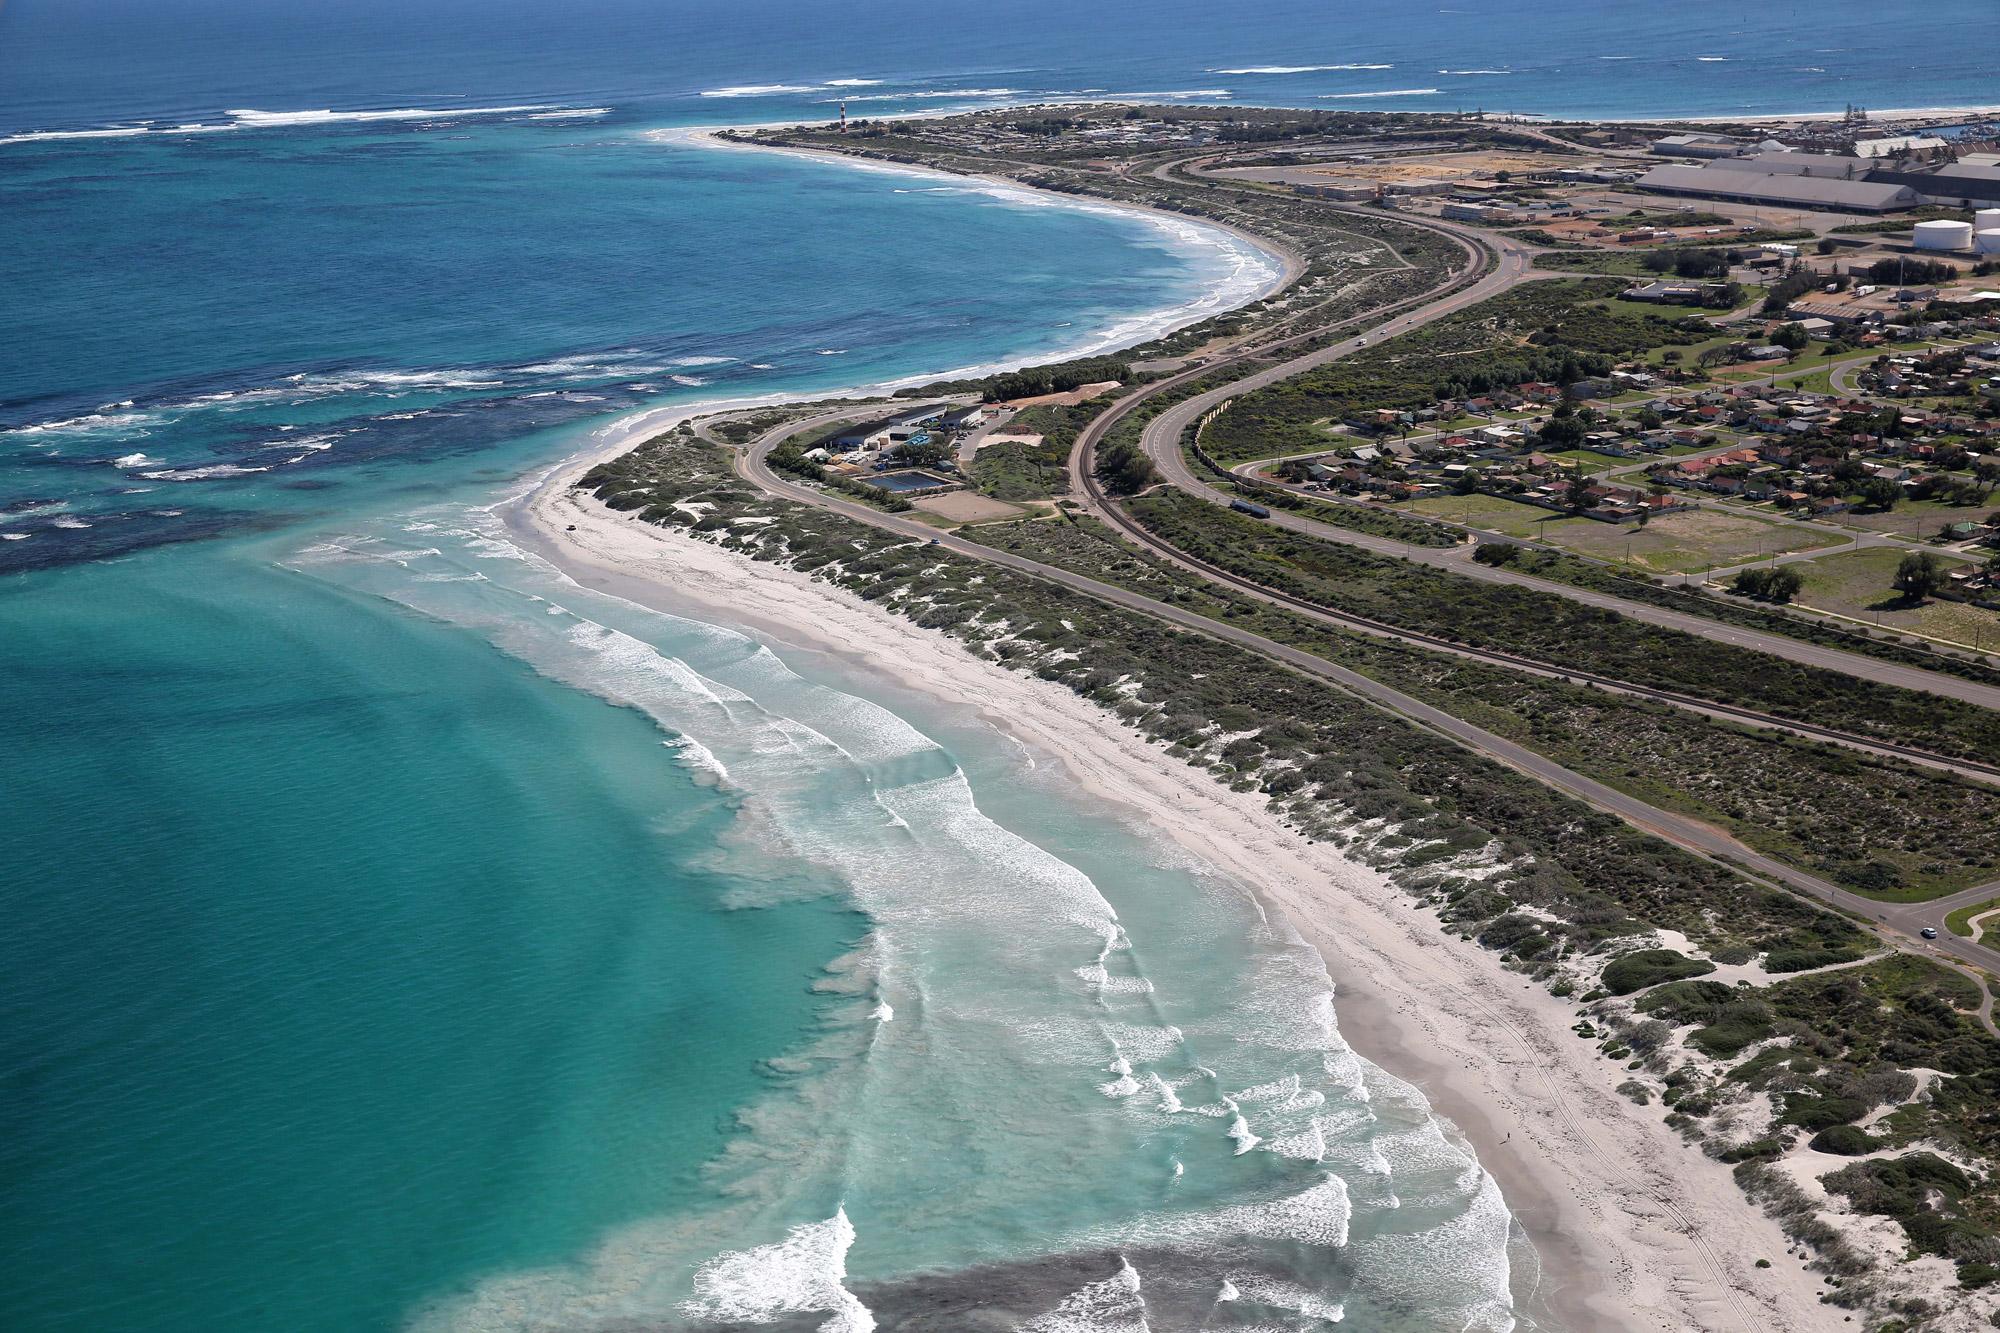 Surfing in Western Australia: Geraldton